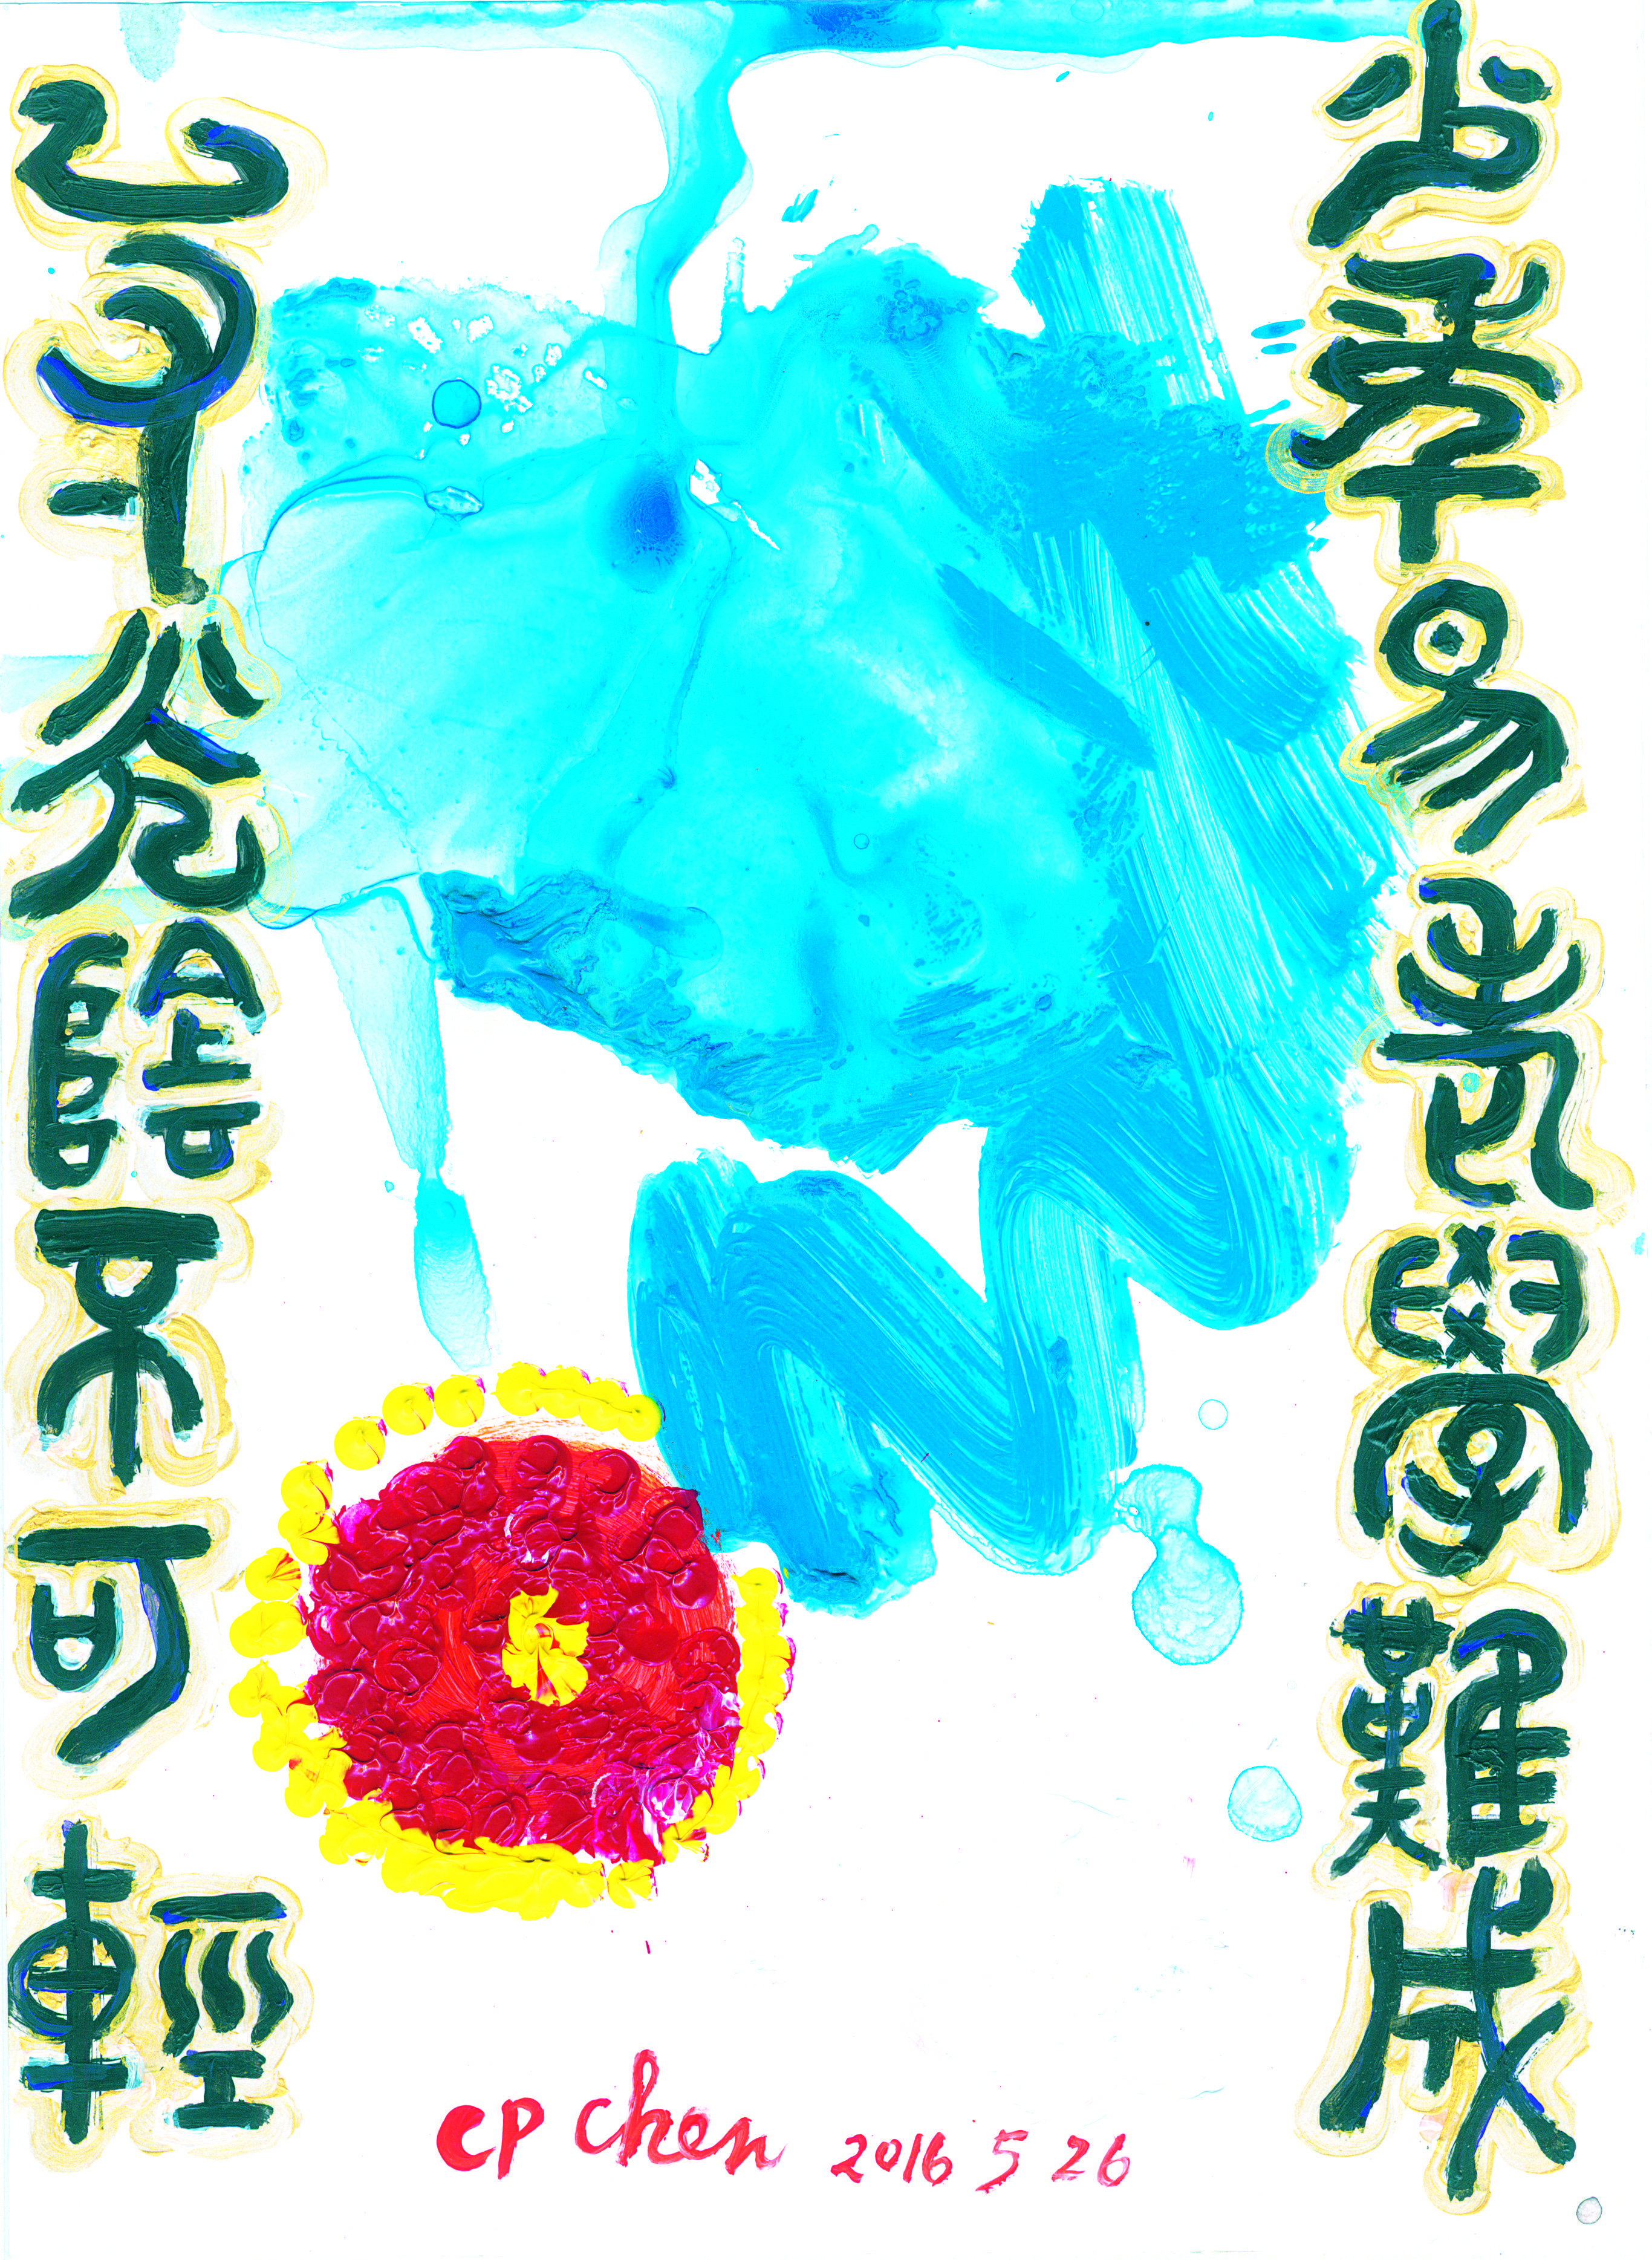 【少年易老學難成 一寸光陰不可輕(明.朱熹)】25.5x35cm / B4紙 / 壓克力顏料 /2016年